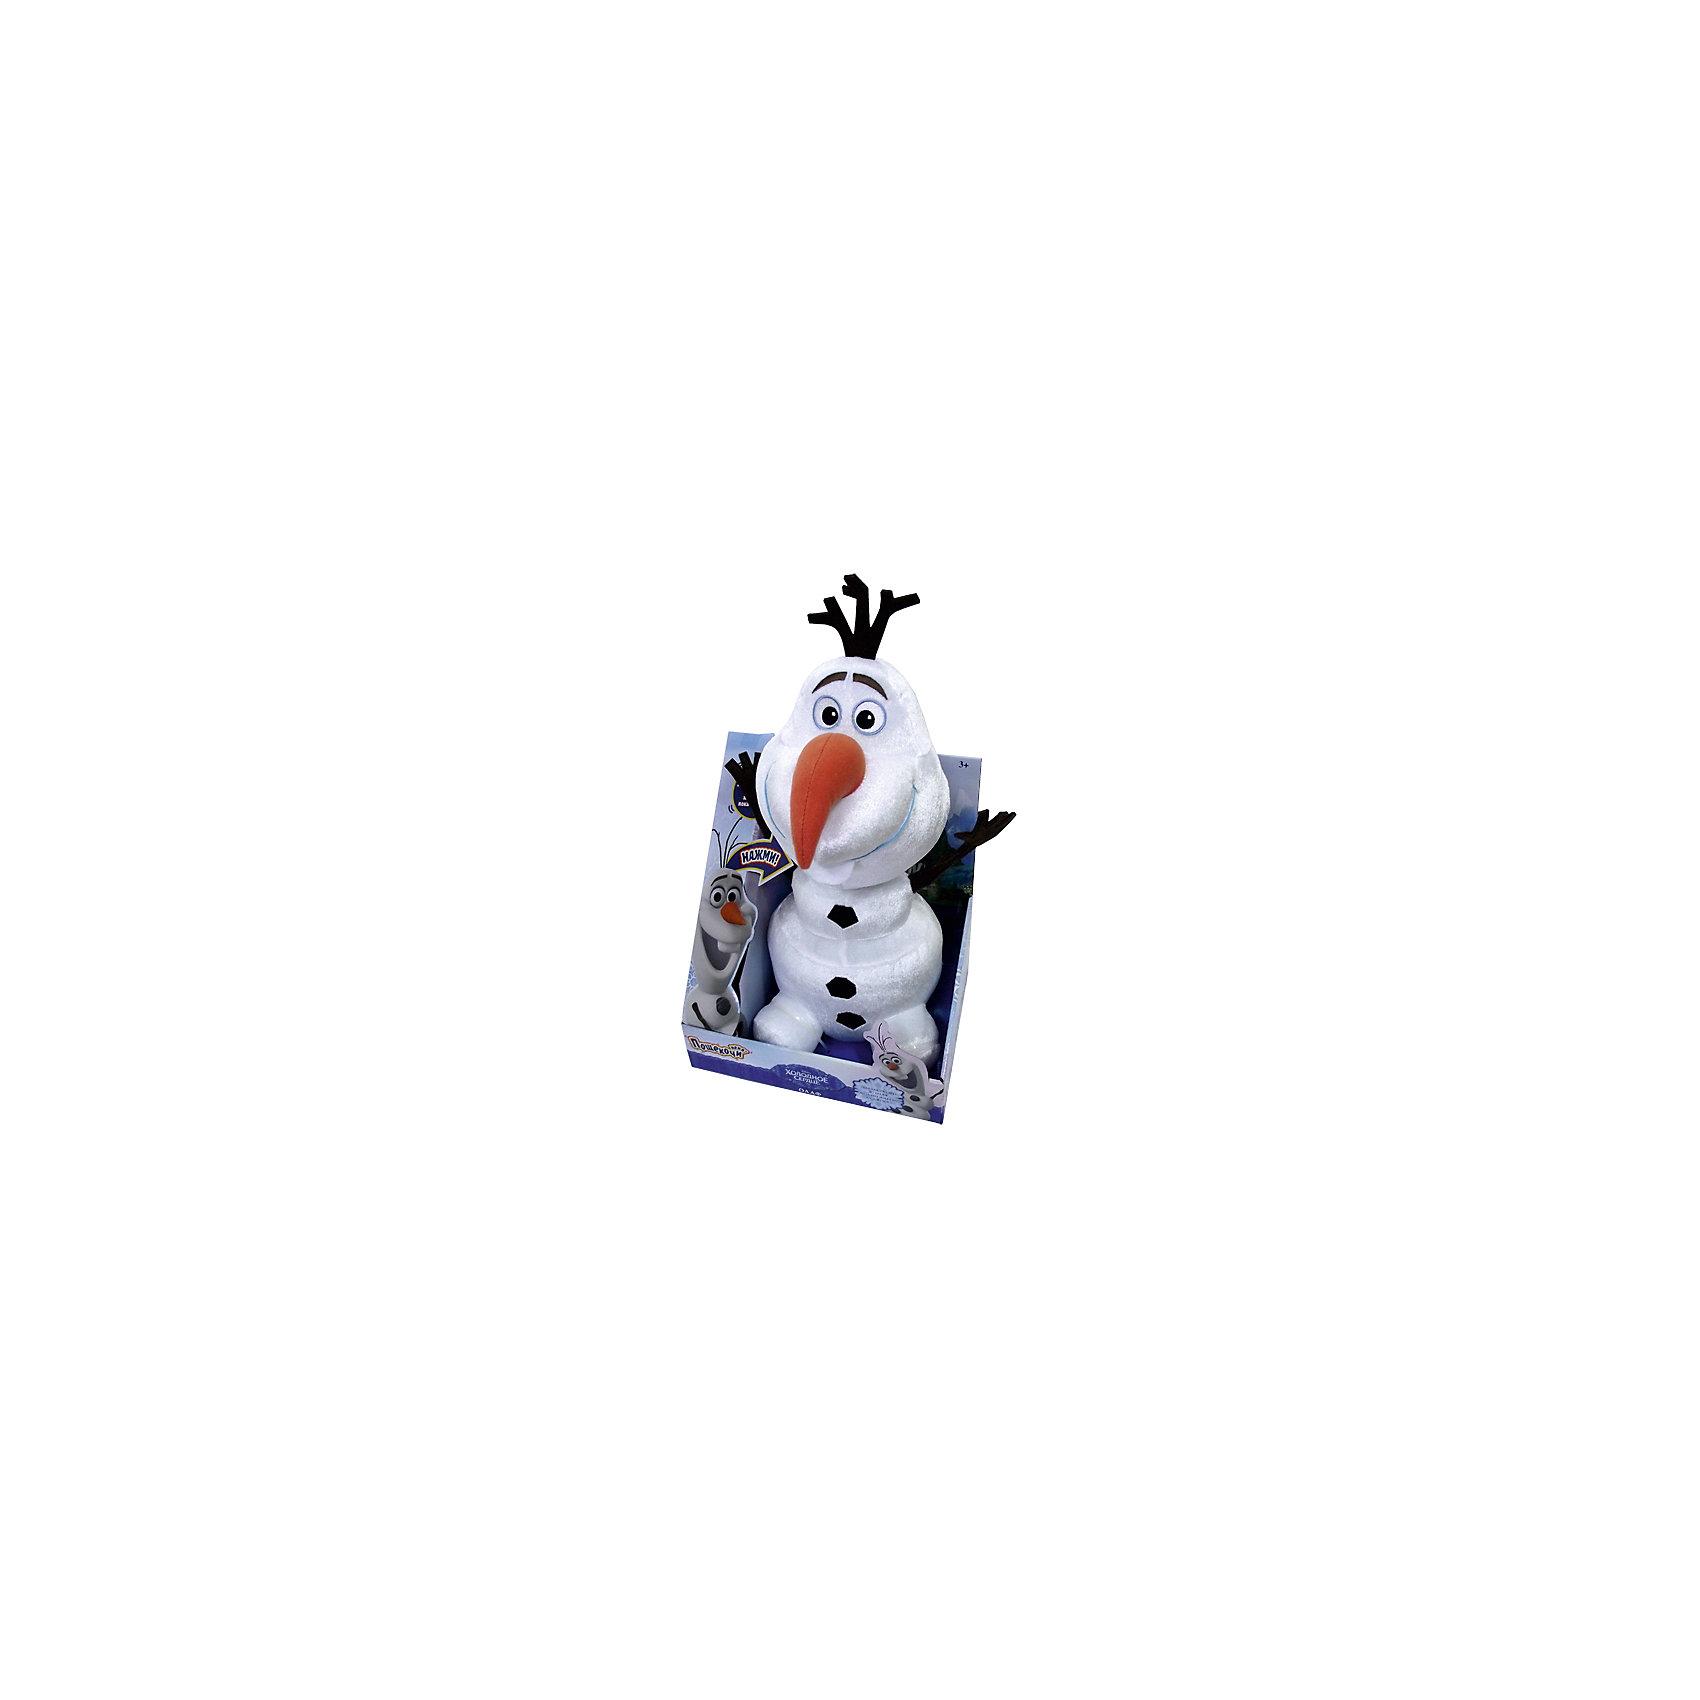 Мягкая игрушка Снеговик Олаф (смеется, вращается, вибрирует), 35 см, Холодное сердцеХарактеристики мягкой игрушки Снеговик Олаф :<br><br>- возраст: любой возраст<br>- герой: Холодное Сердце / Frozen<br>- наличие батареек: входят в комплект.<br>- тип батареек: 2 x AA / LR6 1.5V (пальчиковые).<br>- материал: плюш, наполнитель, пластик.<br>- размер игрушки: высота - около 35 см.<br>- упаковка: картонная коробка открытого типа.<br>- страна обладатель бренда: Сша.<br><br>Забавный снеговичок Олаф обожает теплые объятия и очень боится щекотки. Если пощекотать снеговичка, он начнет заразительно смеяться. Кроме того, на игрушке есть активные зоны, при нажатии на которые Олаф будет вибрировать или вращаться по кругу. К радости всех поклонников мультфильма «Холодное сердце» снеговичок не только смеется, но и произносит несколько крылатых фраз из фильма. На личике Олафа застыла улыбка, ведь он совершенно не умеет грустить! У снеговика Олафа есть множество фанатов по всем миру и такая игрушка станет для любого из них потрясающим подарком, ведь, благодаря интерактивным функциям, Tickle Olaf словно оживает во время игры.<br><br>Мягкая игрушка Снеговик Олаф можно купить в нашем интернет-магазине.<br><br>Ширина мм: 240<br>Глубина мм: 195<br>Высота мм: 430<br>Вес г: 400<br>Возраст от месяцев: 36<br>Возраст до месяцев: 144<br>Пол: Женский<br>Возраст: Детский<br>SKU: 5237490